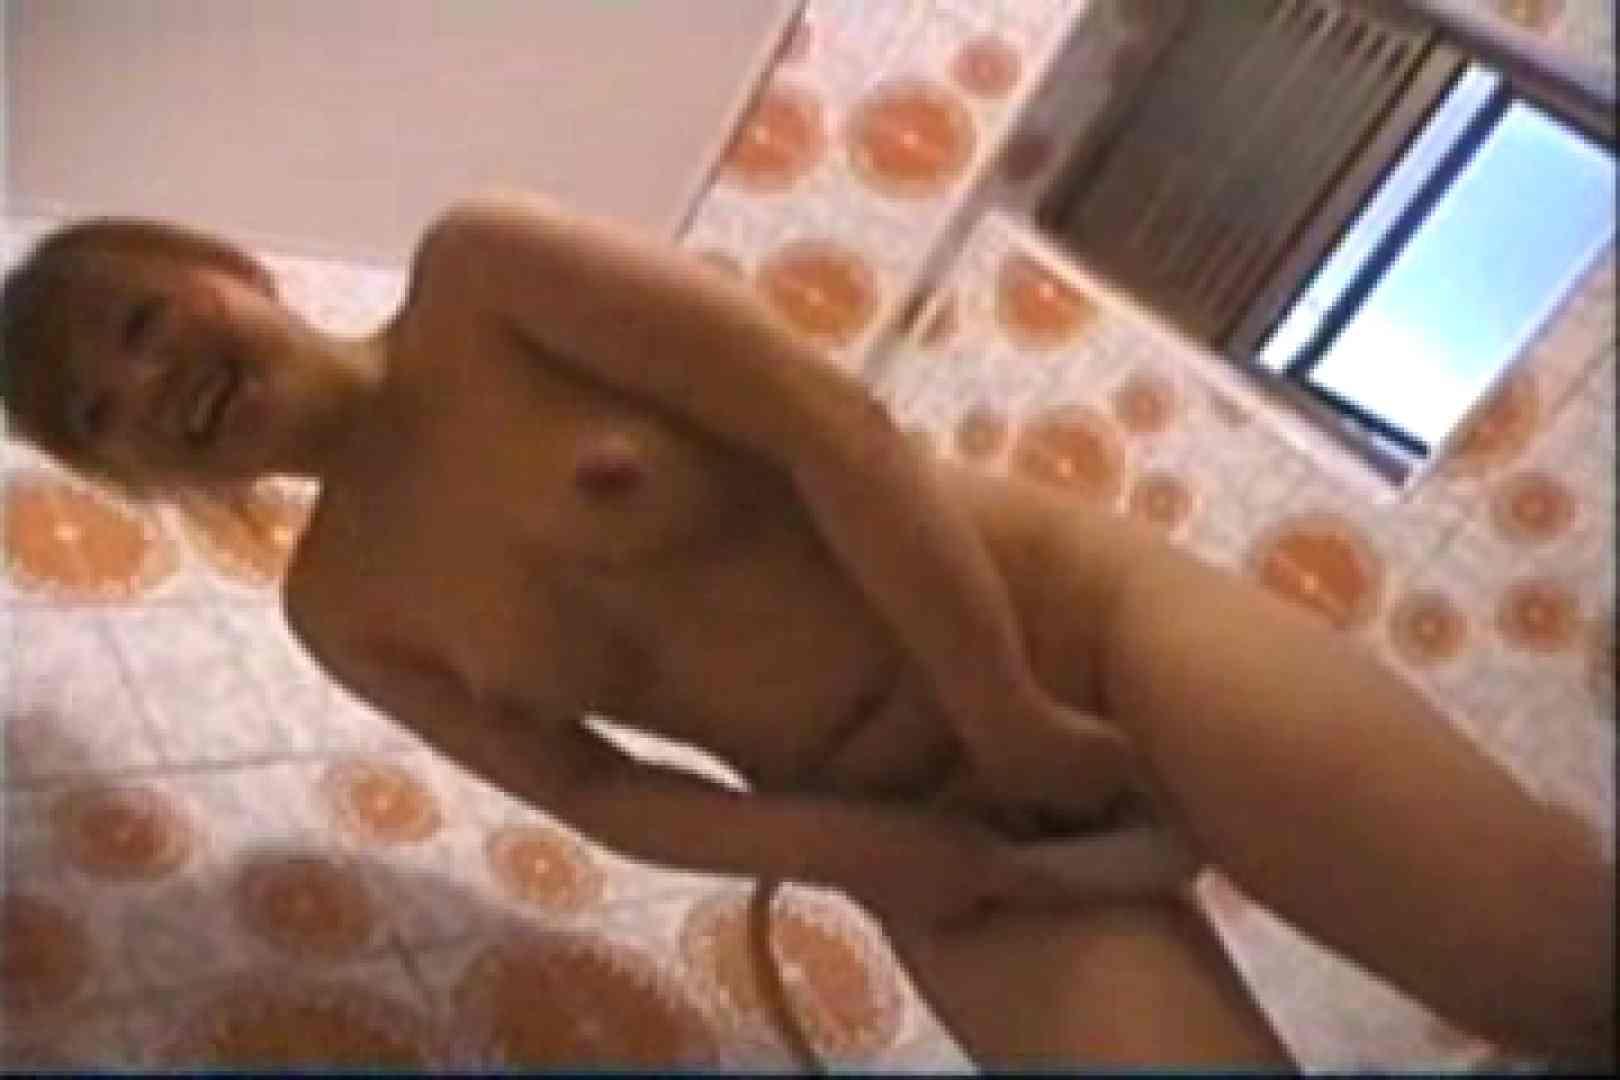 大量潮吹き!ポチャ可愛い嬢 おっぱい 隠し撮りオマンコ動画紹介 96連発 63